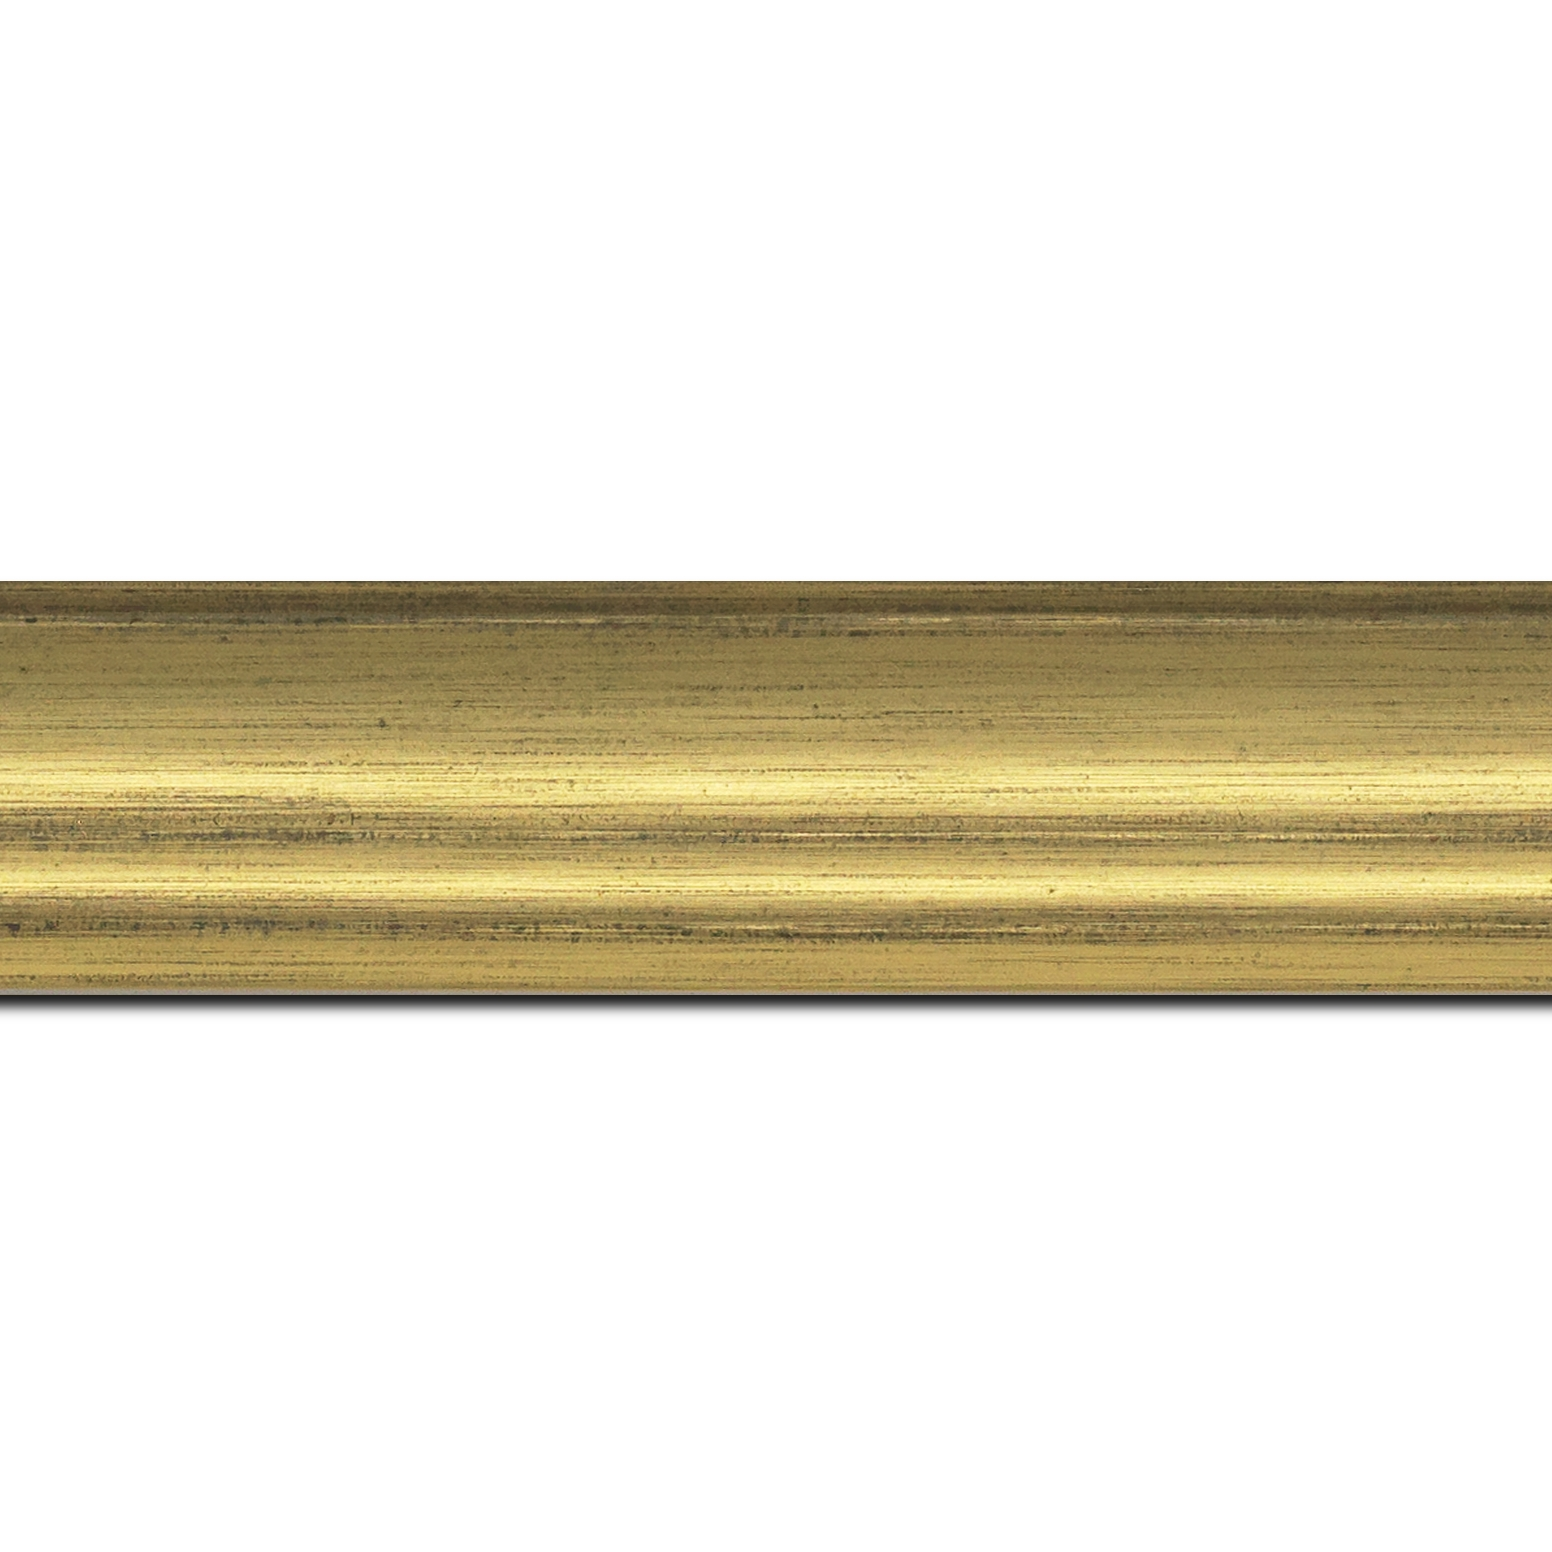 Baguette longueur 1.40m bois profil incurvé largeur 4.2cm or finition nature